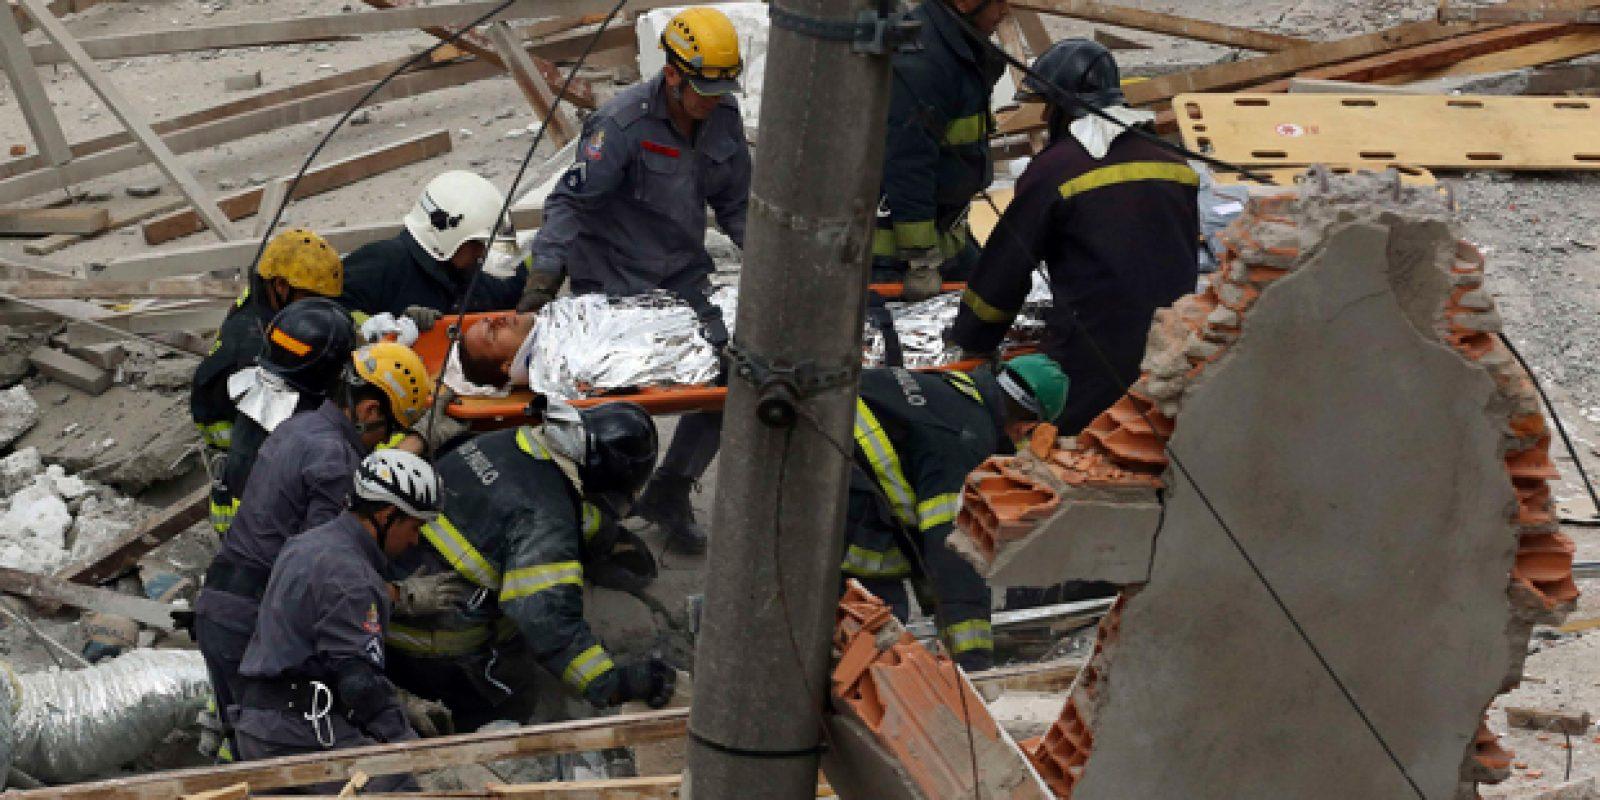 Segundo o Bombeiros, pessoas ficaram presas nos escombros e outras foram atingidas na rua | Nacho Doce/ Reuters